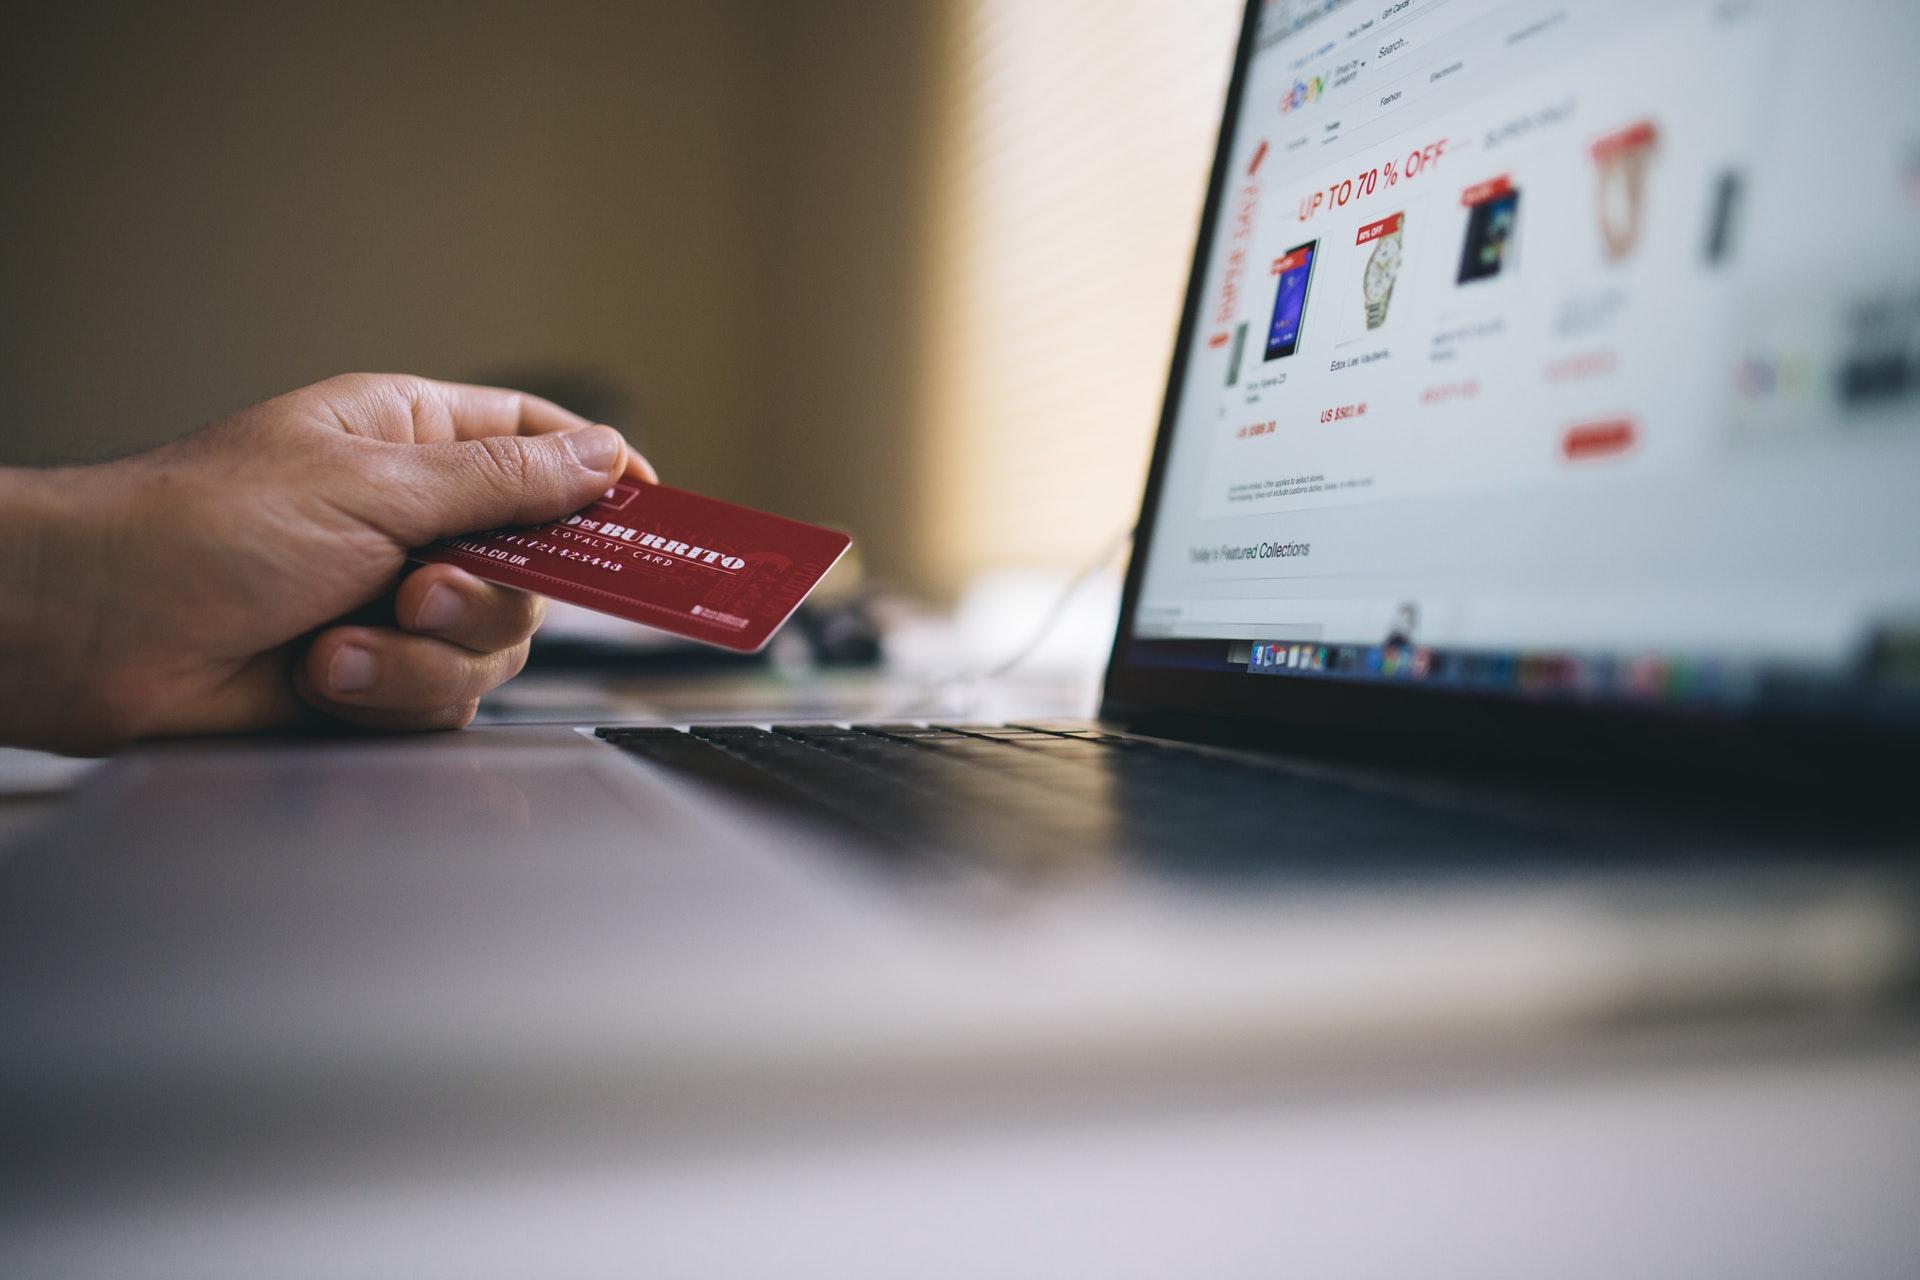 Goedkoop online shoppen